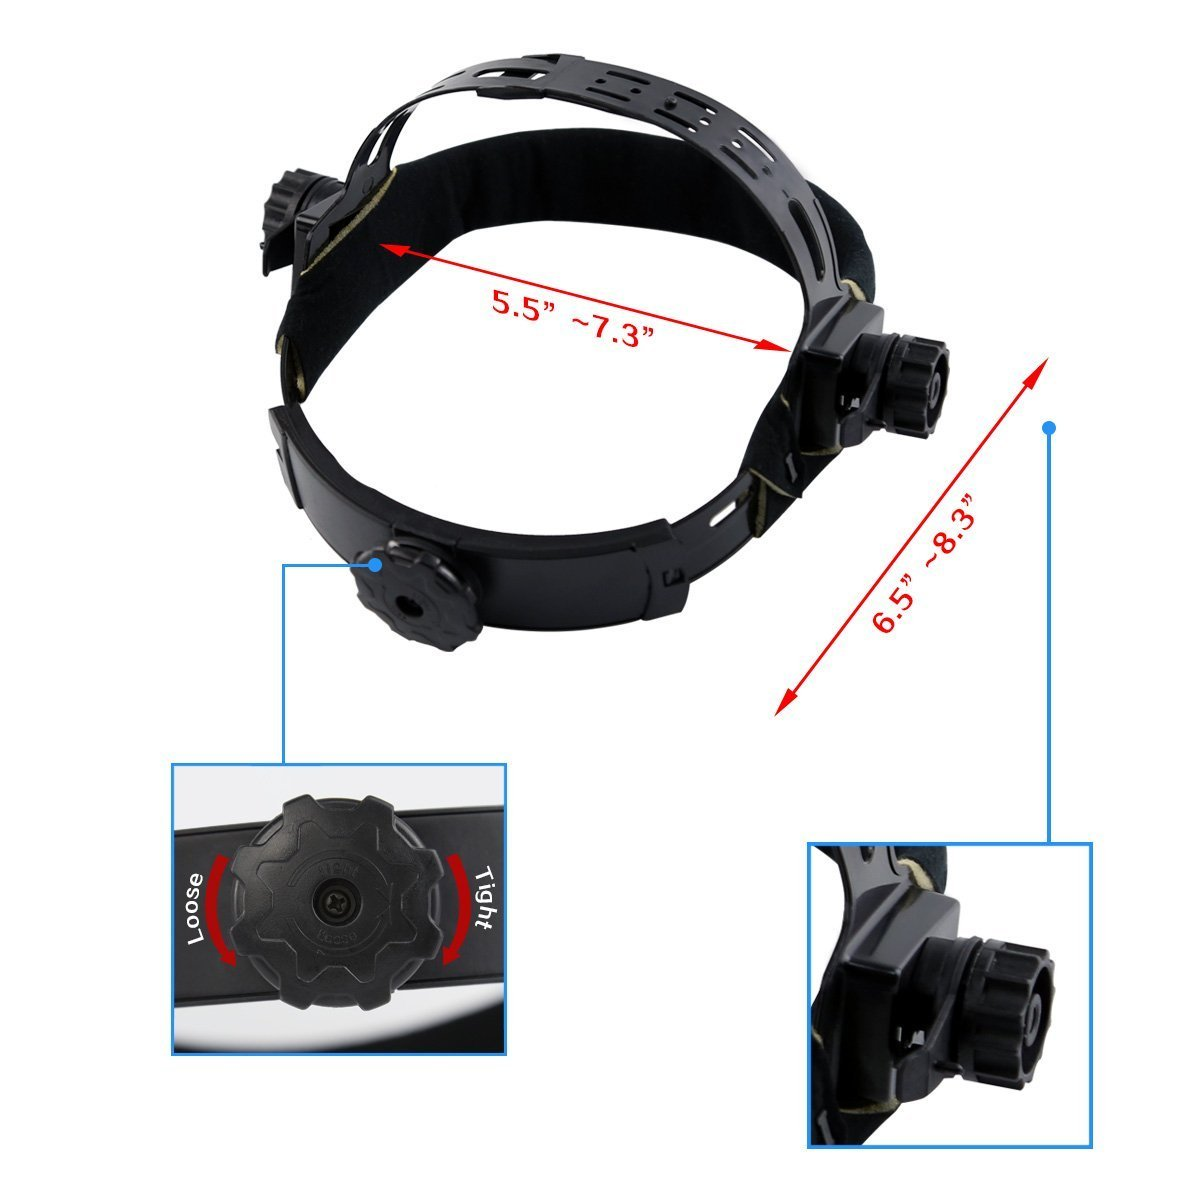 DEKOPRO Auto Darkening Solar Welding Helmet ARC TIG MIG Weld Welder Lens Grinding Mask New Black Design - - Amazon.com